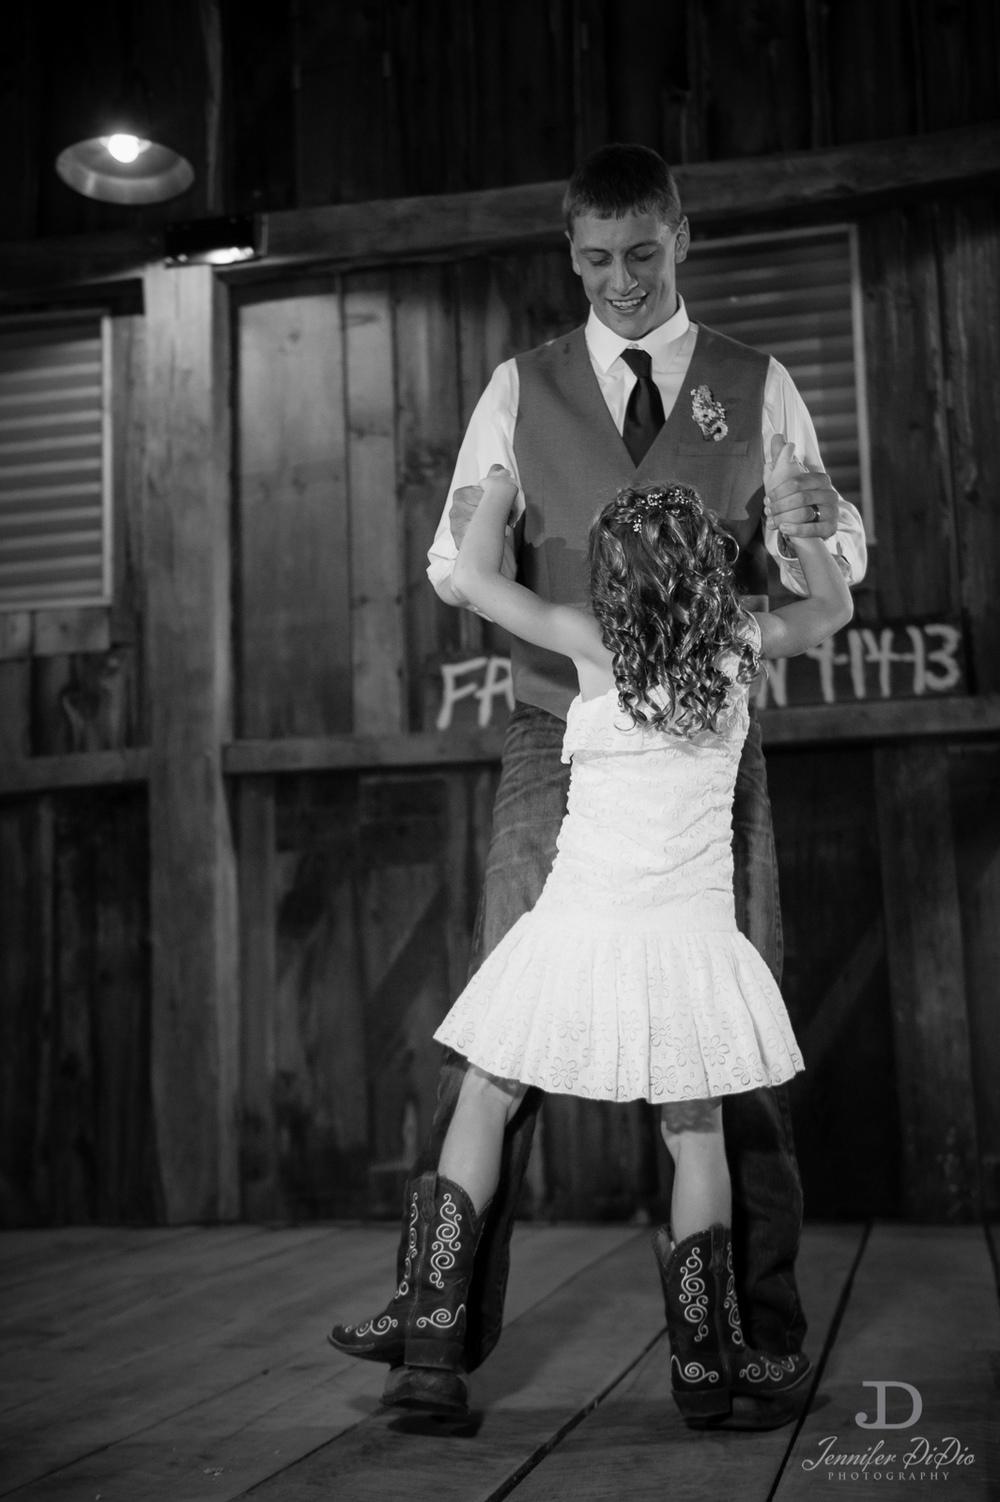 Jennifer.DiDio.Photography.Dell.Franklin.Wedding.2013-589.jpg